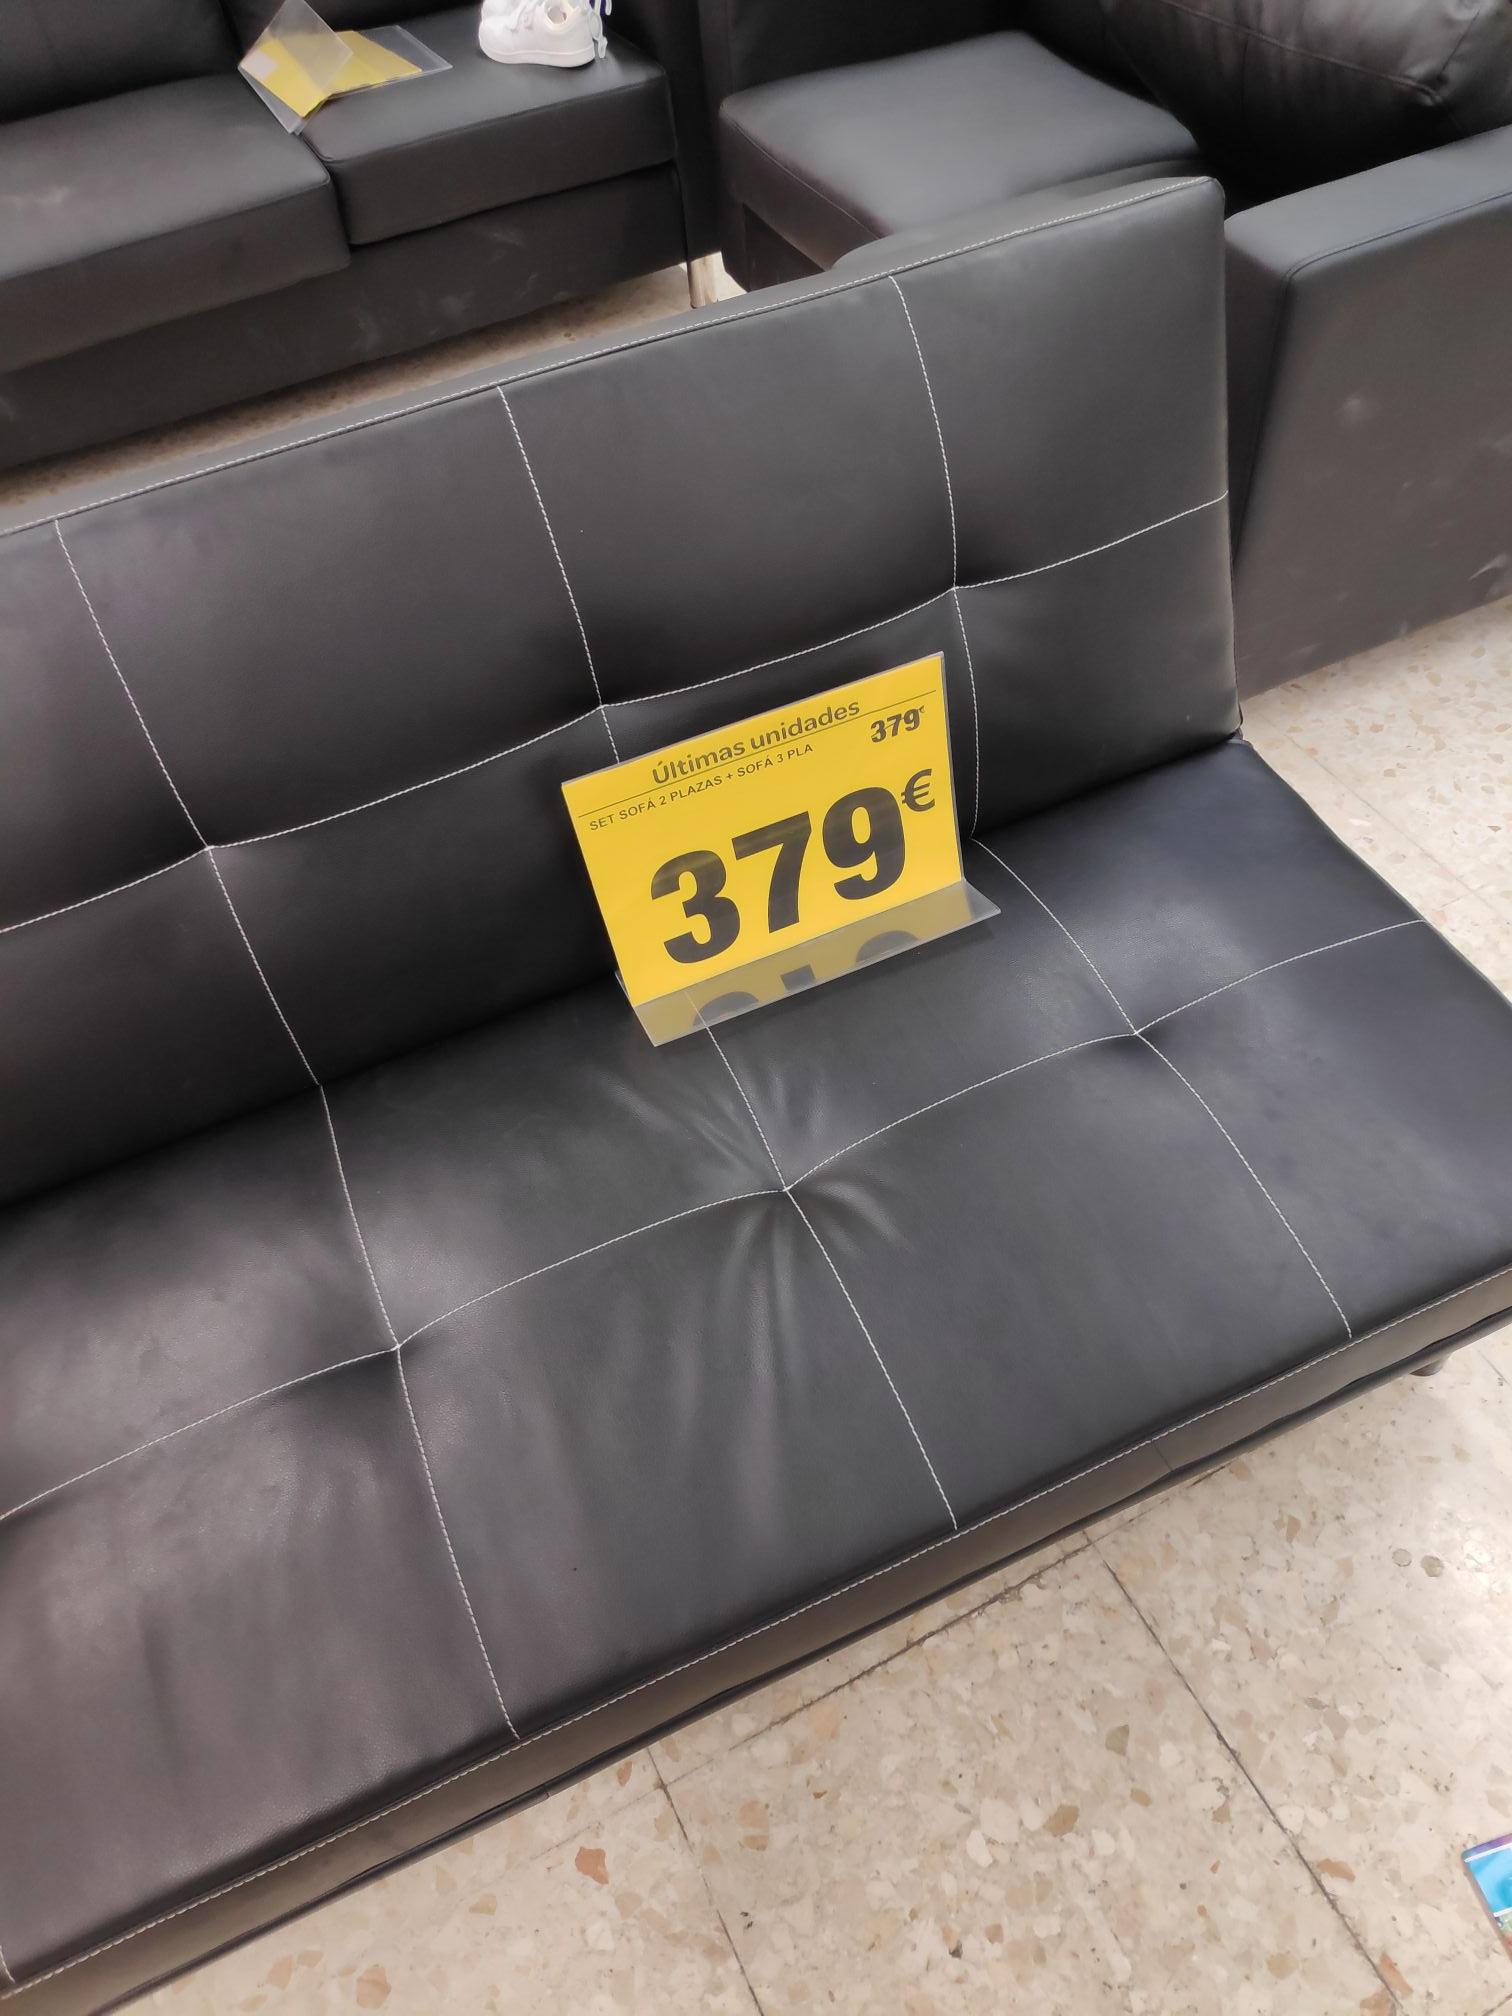 Ofertón con descuento máximo en Carrefour